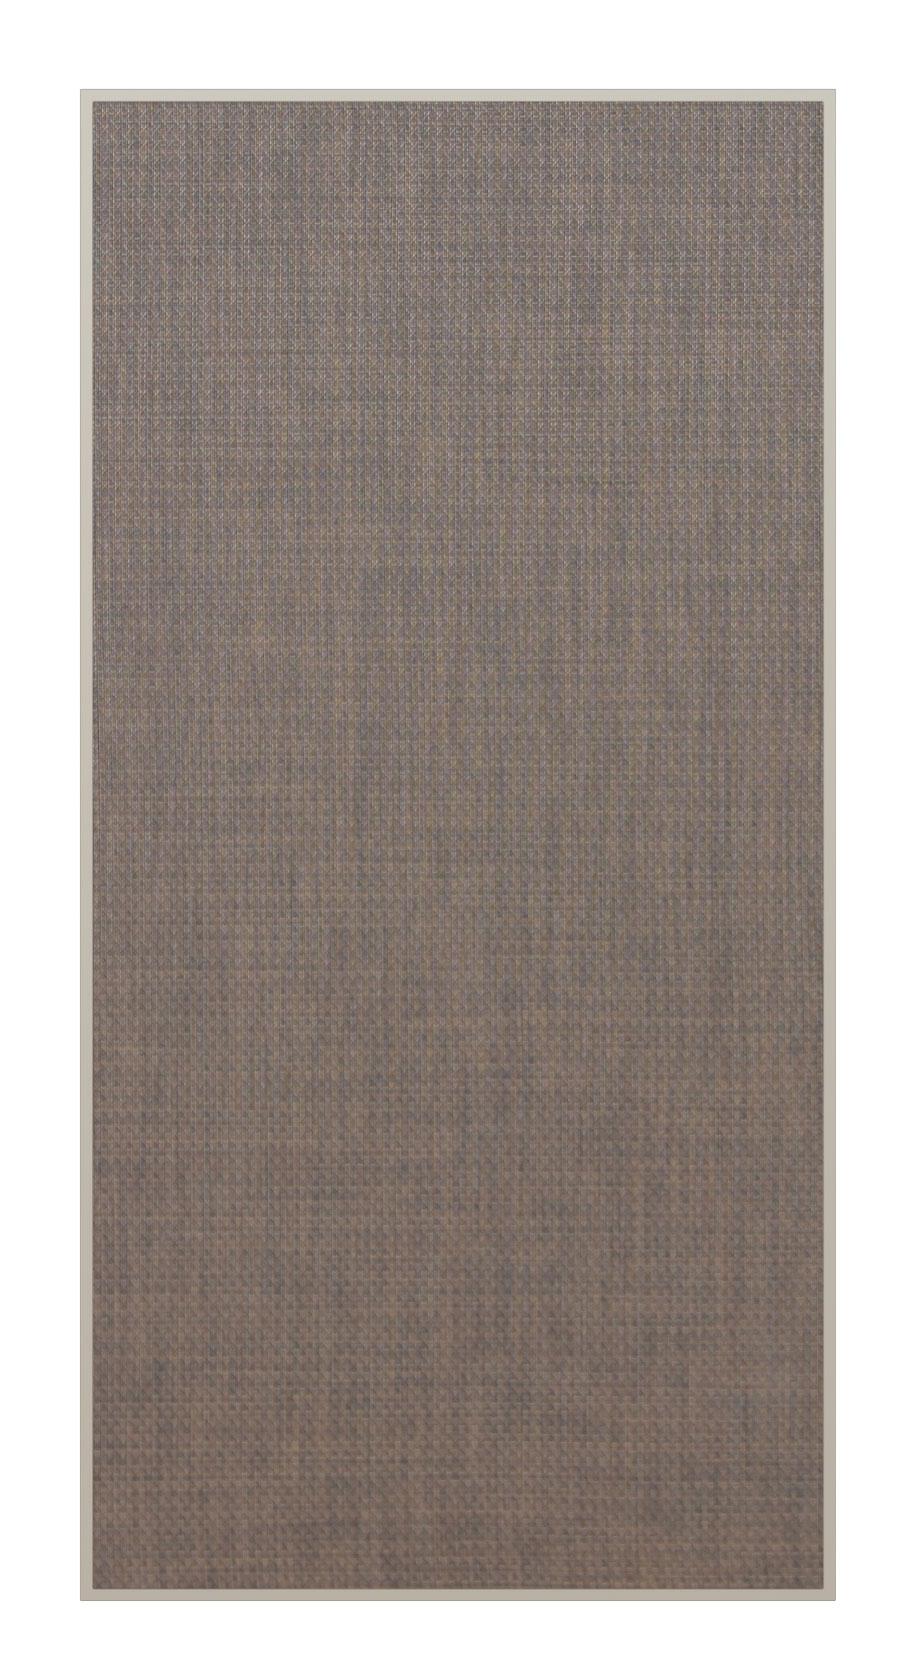 Sichtschutz / Zaun WEAVE LÜX bronze Webschicht 88x178cm Bild 1